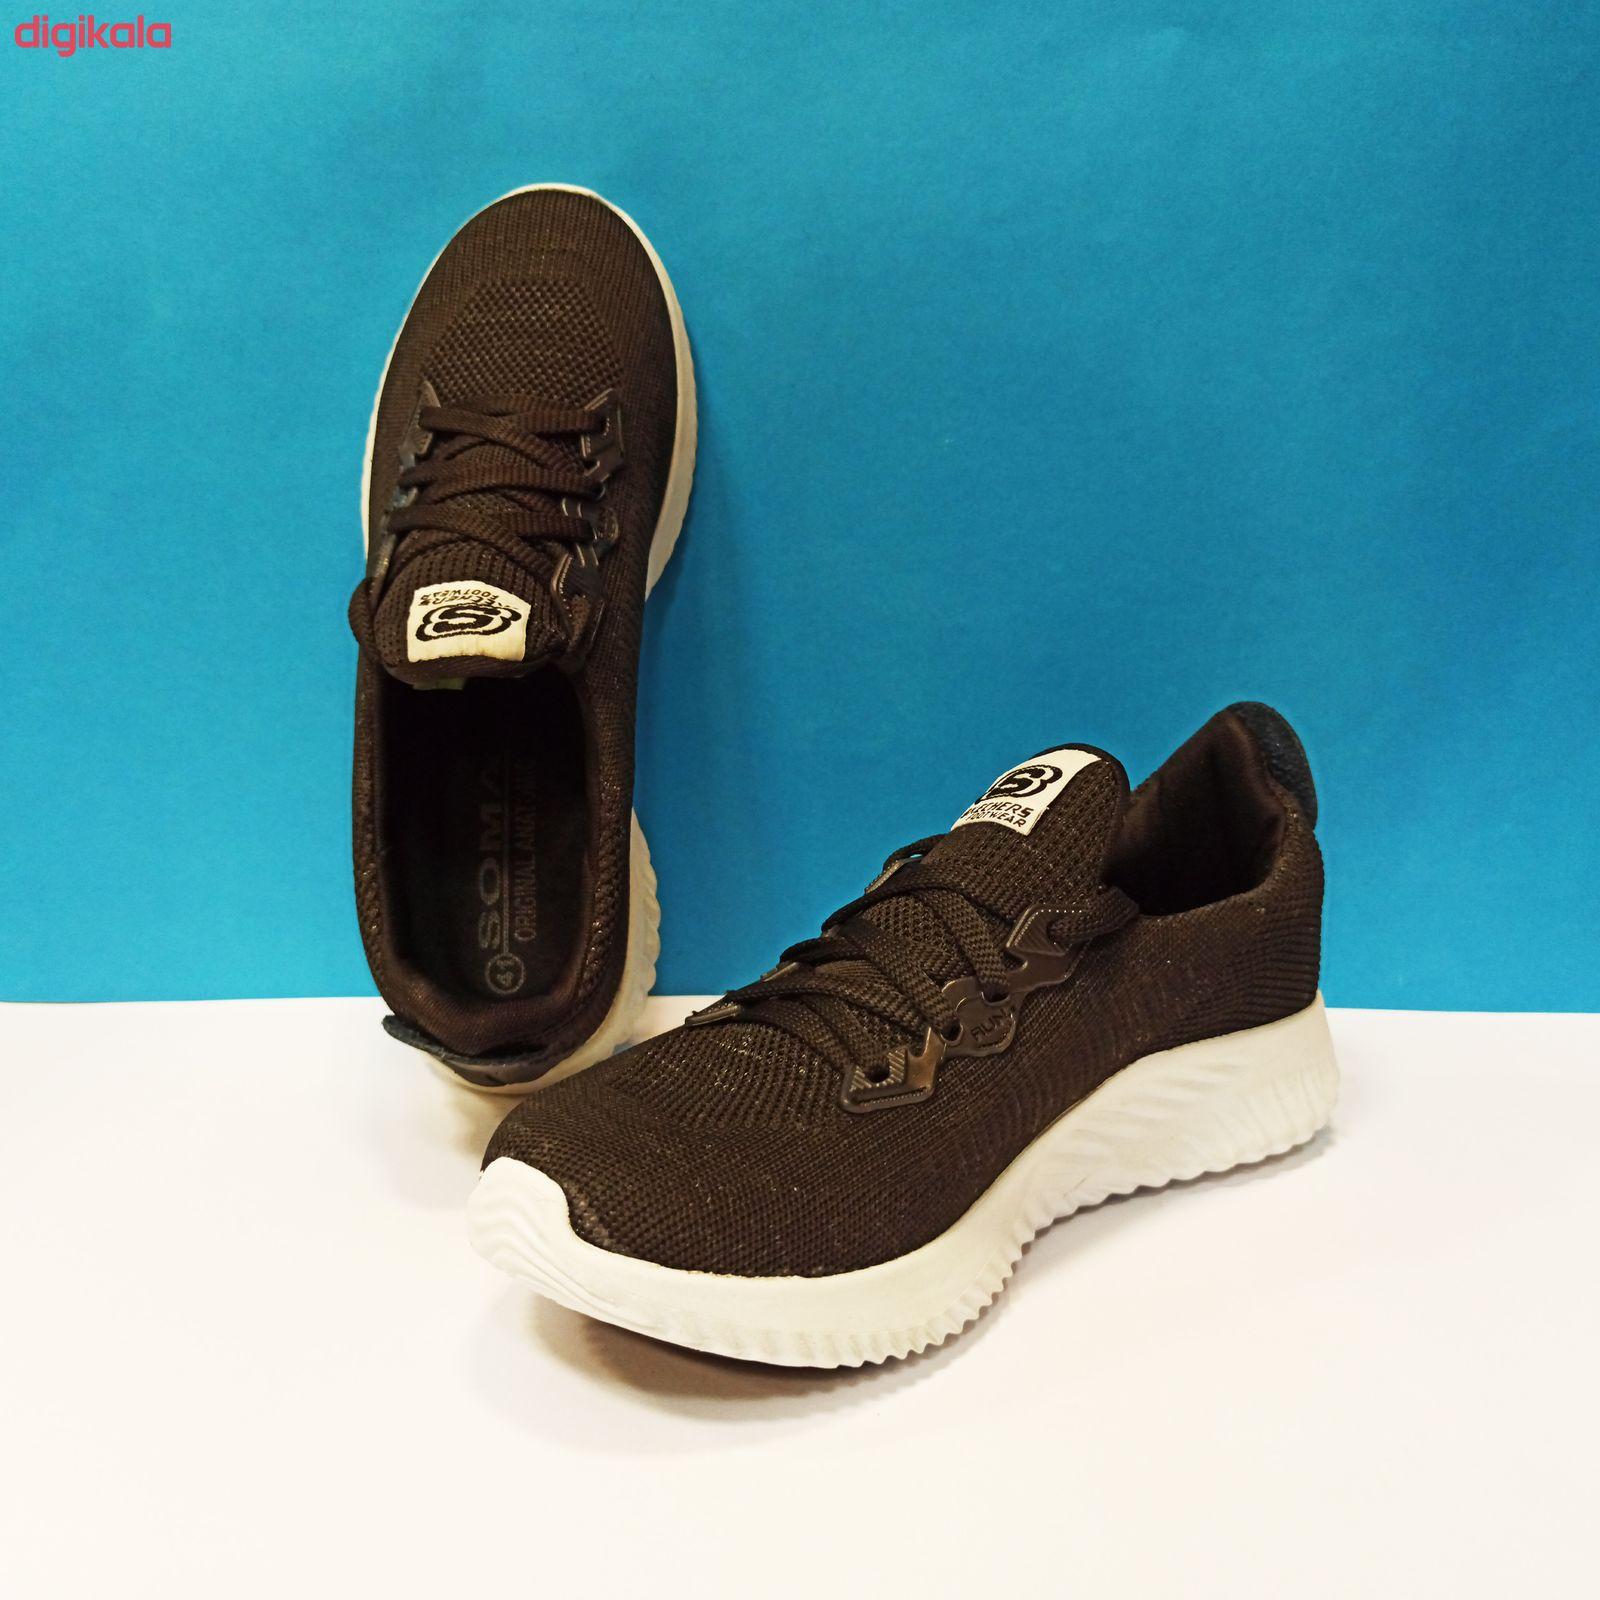 کفش پیاده روی مردانه مدل QZ7 main 1 2